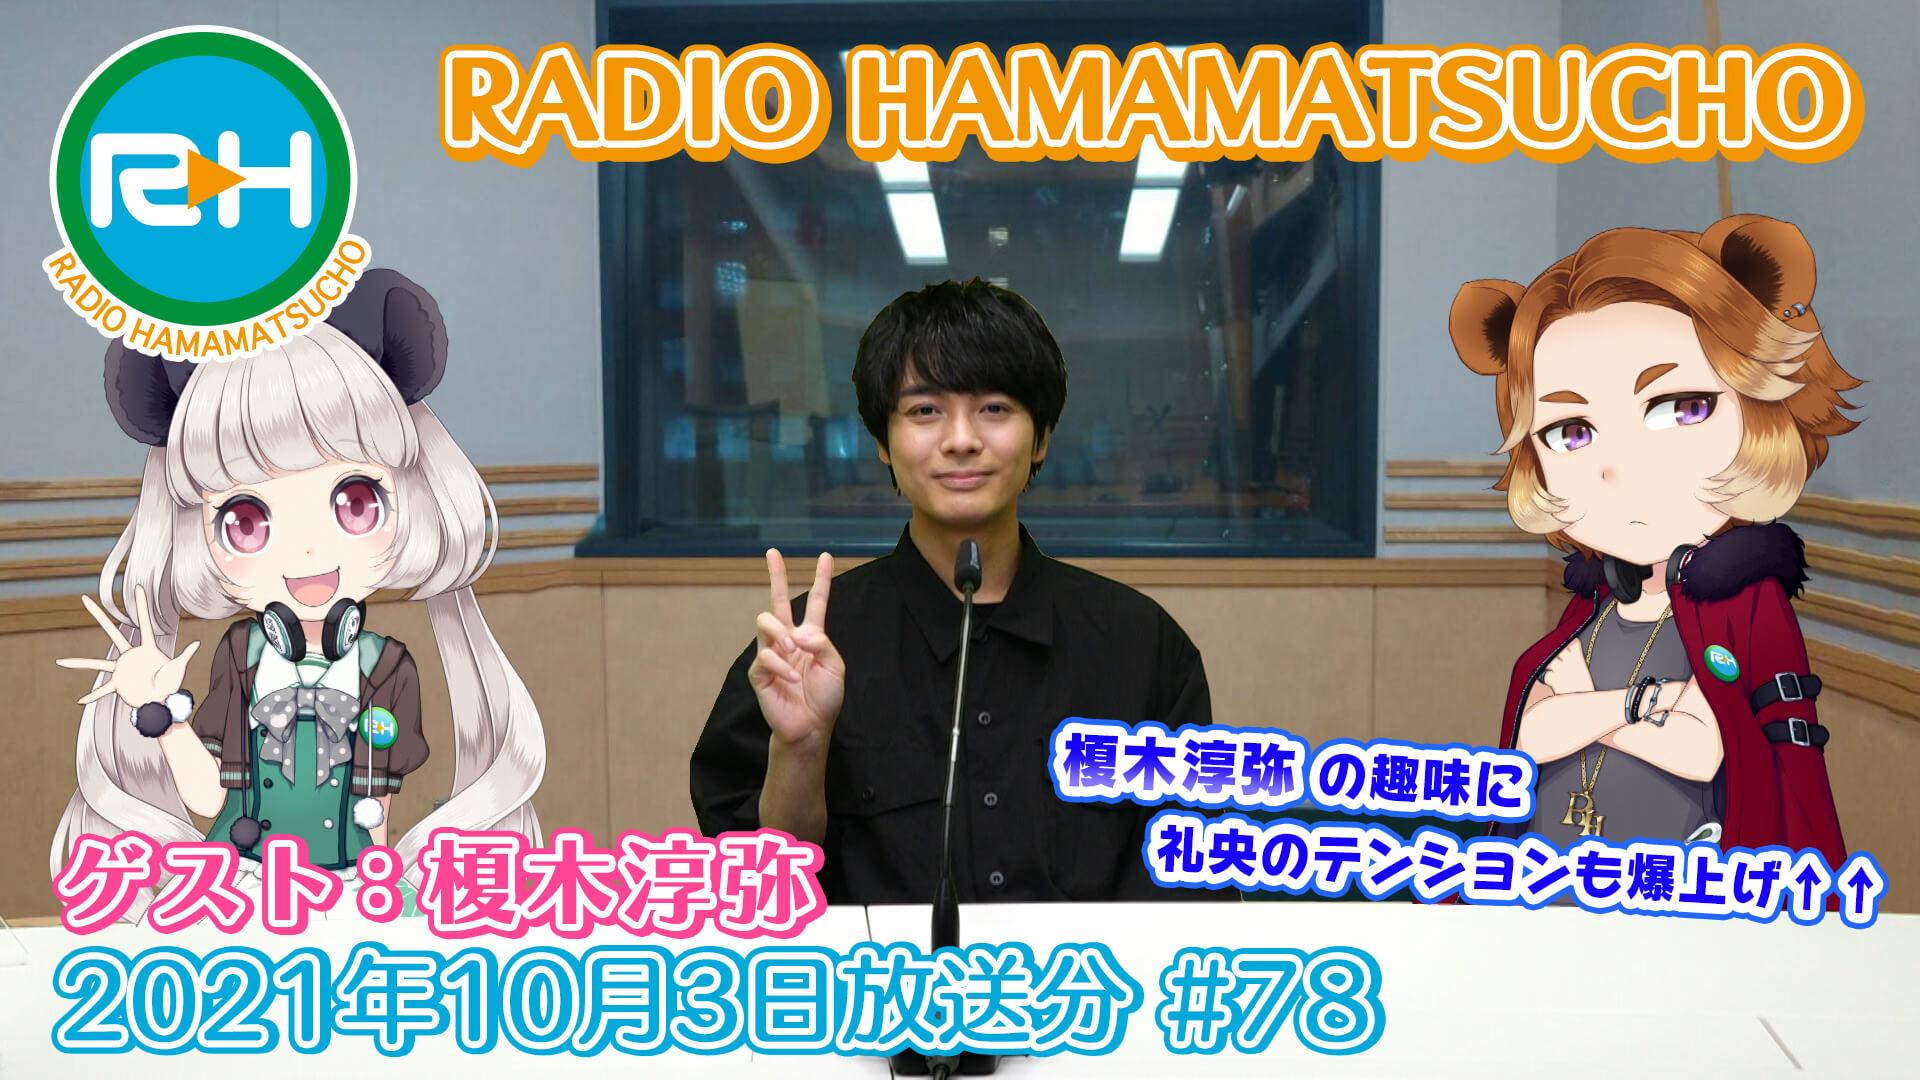 RADIO HAMAMATSUCHO 第78回 (2021年10月3日放送分) ゲスト: 榎木淳弥